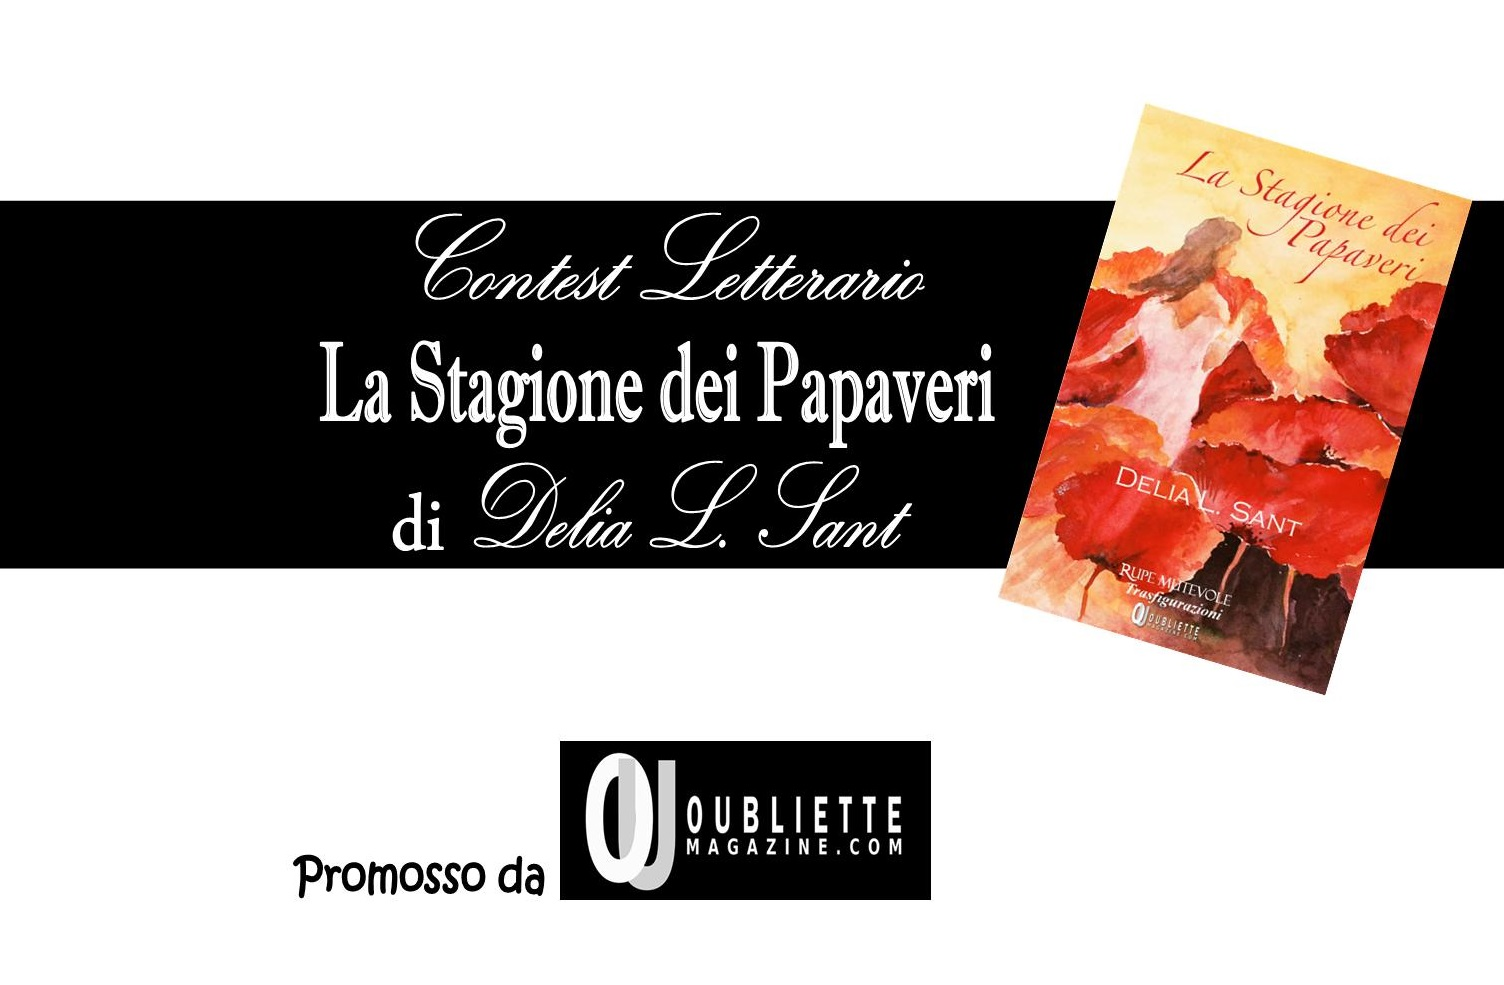 """Contest letterario gratuito di prosa e poesia """"La Stagione dei Papaveri"""""""